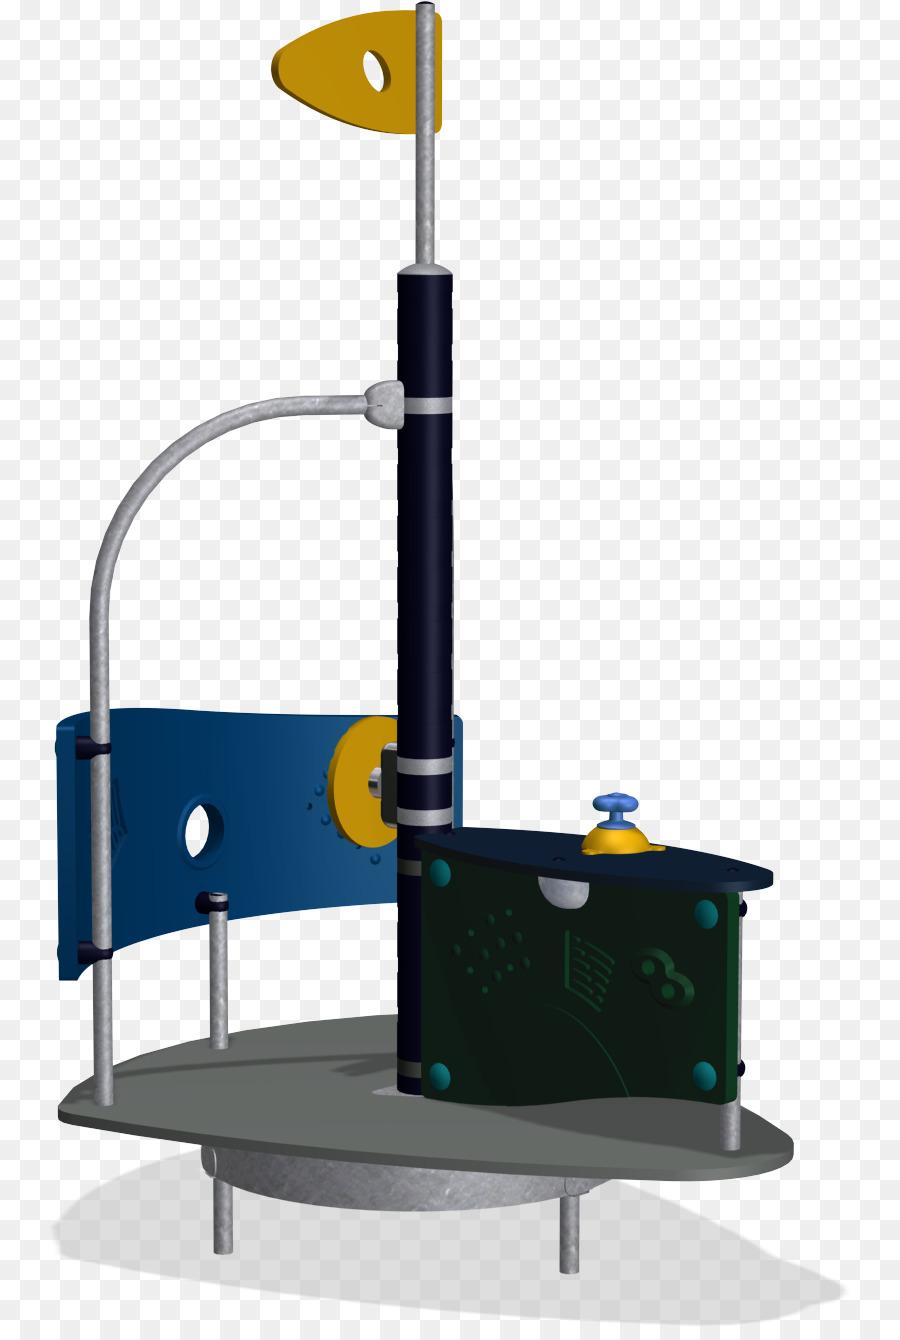 Desain Produk Mesin Angle Peralatan Bermain Unduh Mesin Sudut